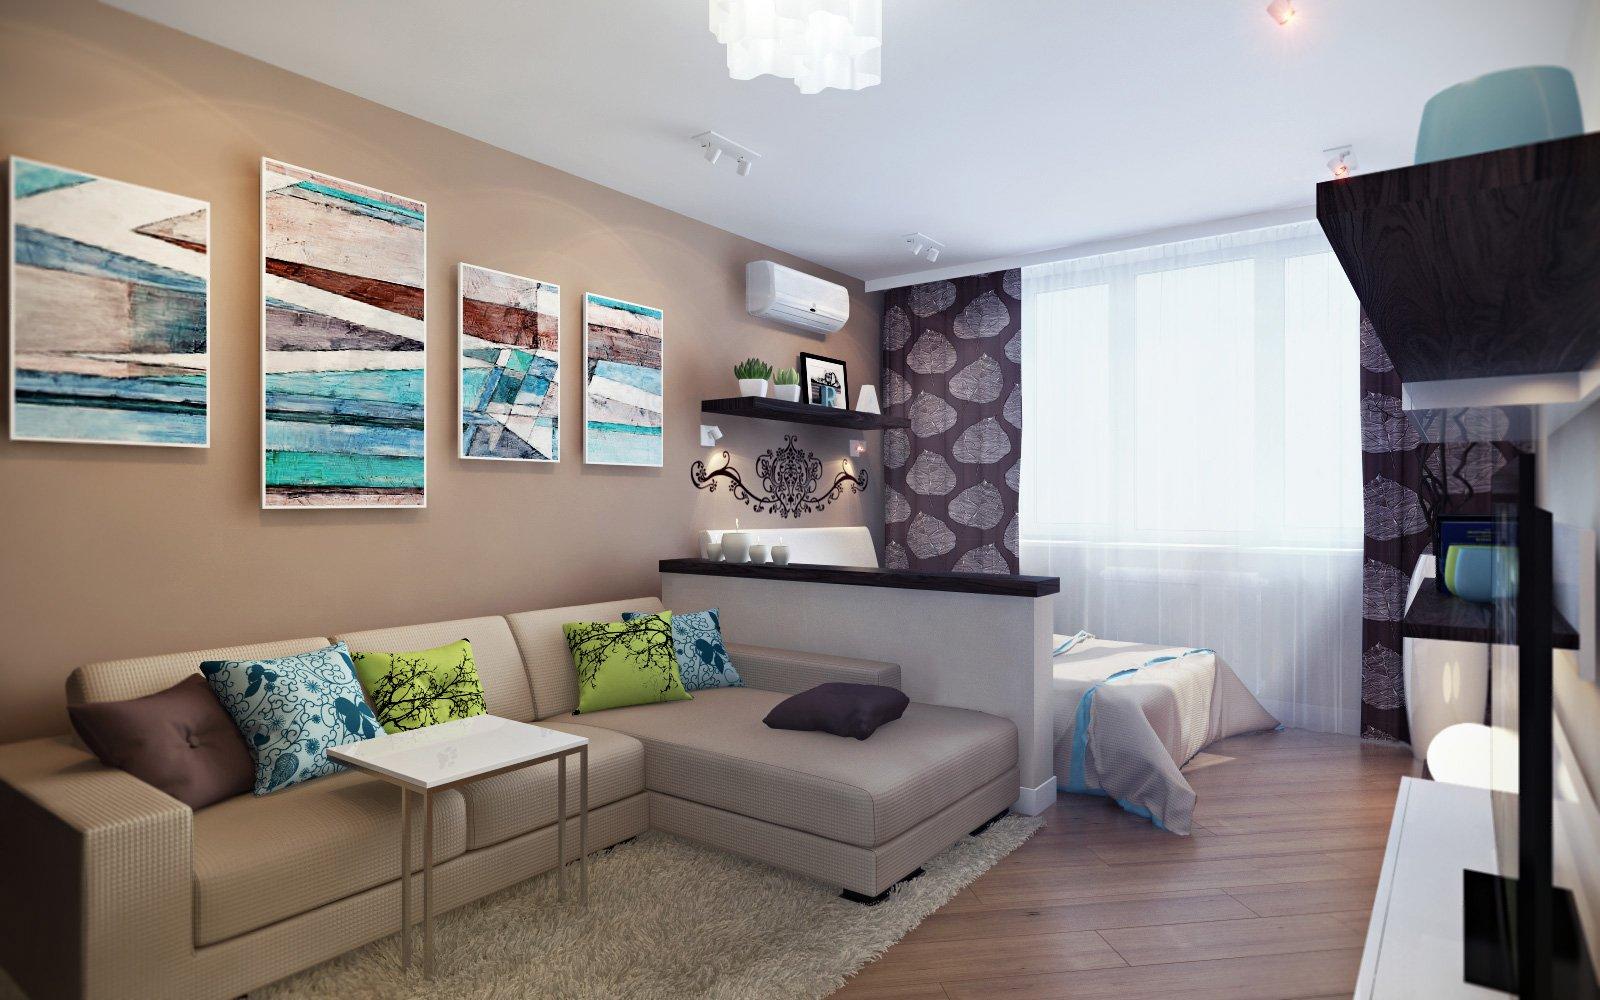 pm3 denis gost 2012 11 01 0031 - Идеи интерьера однокомнатной квартиры